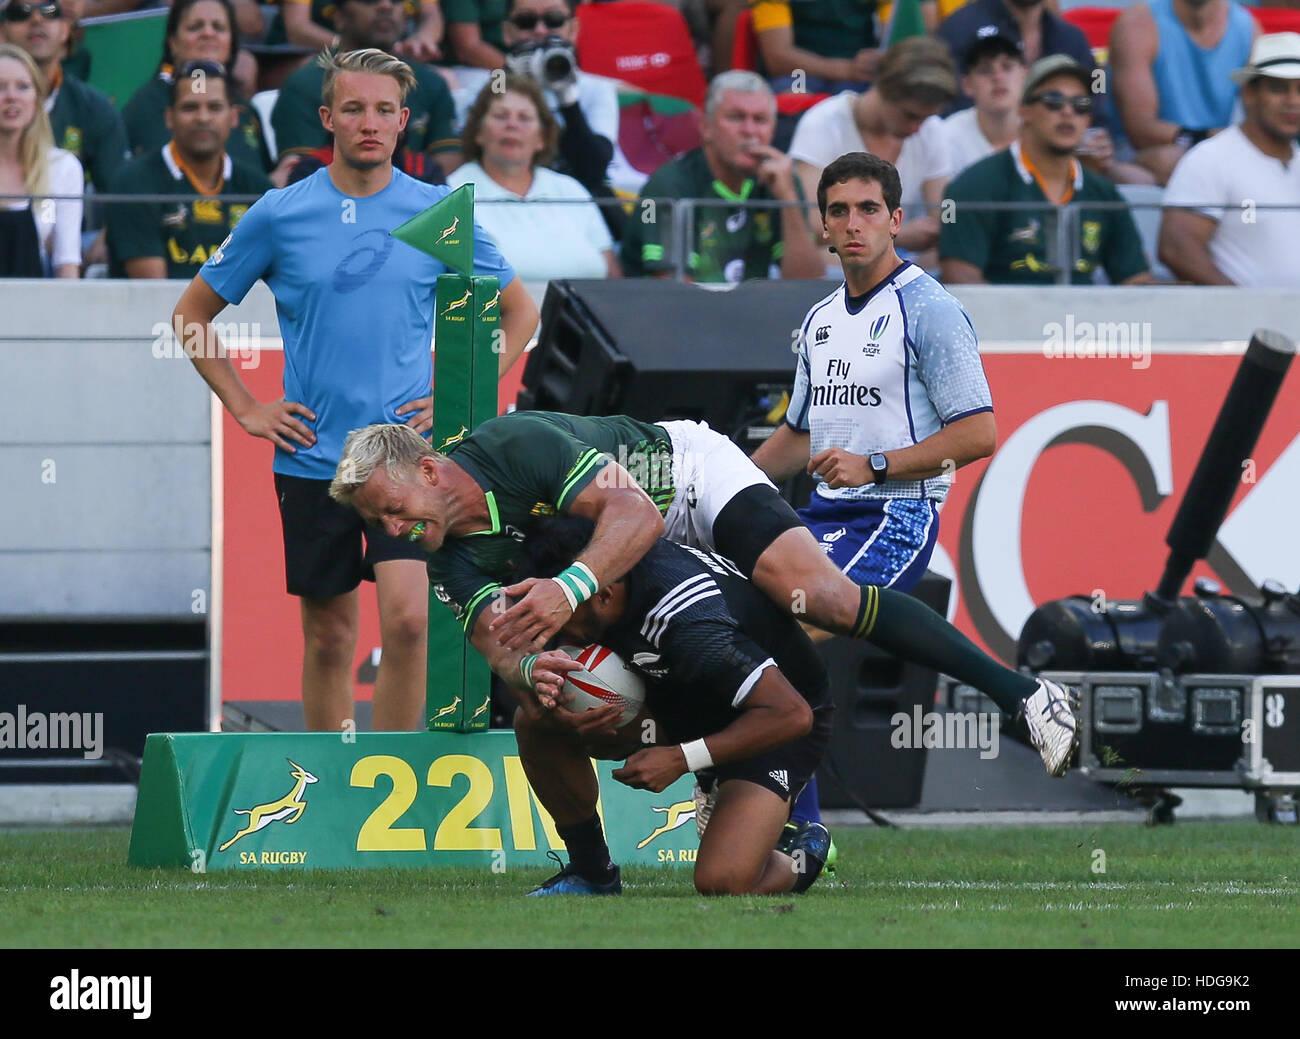 L'AS Rugby Springbok Sevens joueurs en action pendant le tournoi de rugby à VII de la HSBC 2016 au Cape Town Stadium à Green Point Point, Cape Town. Banque D'Images